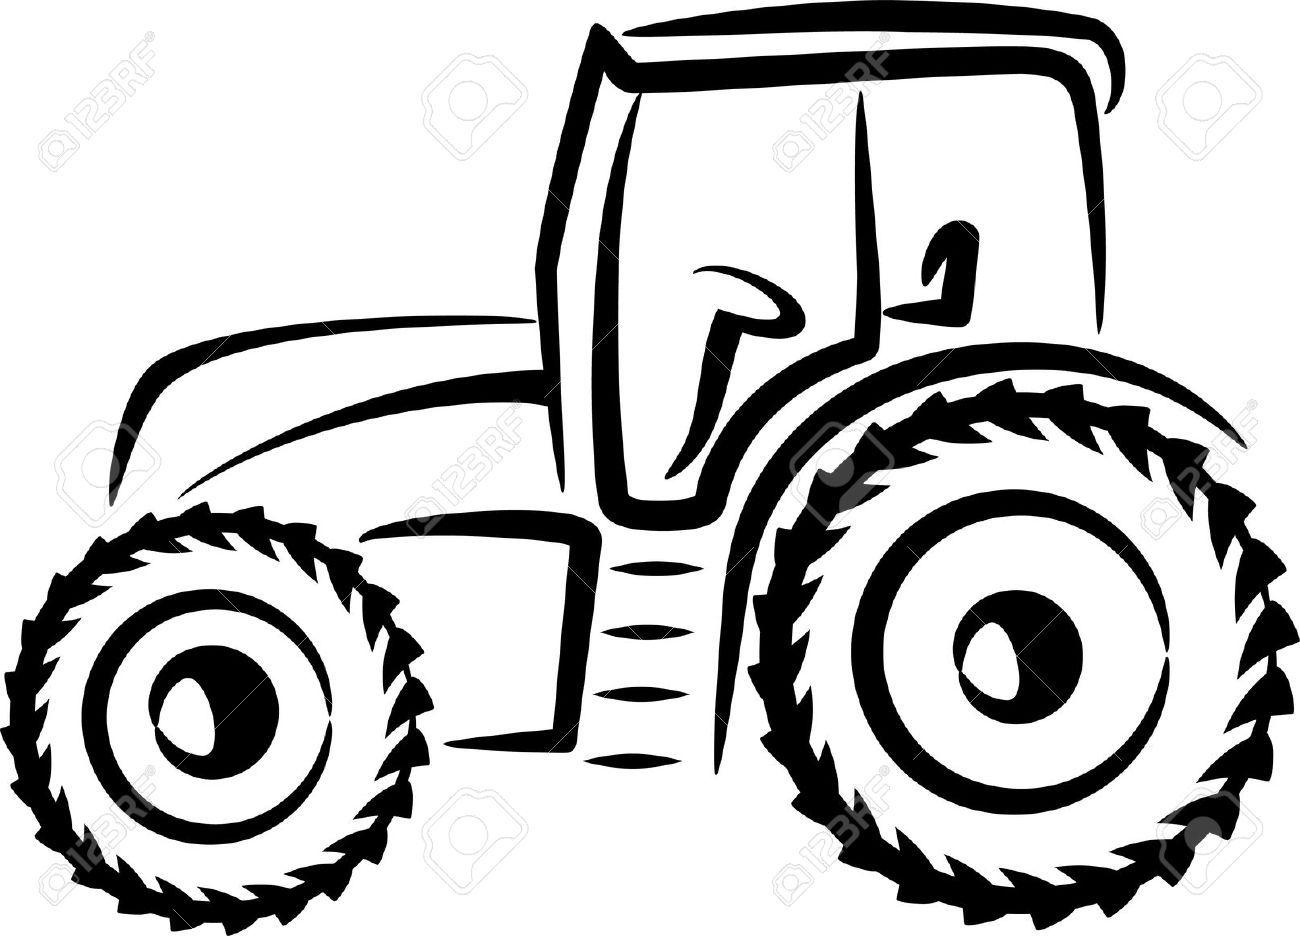 Image From Http Previews 123rf Com Images Maximmmmum Maximmmmum1105 Maximmmmum110500017 9507485 Simple Illustration With A Tractor S Traktor Silhouette Felix